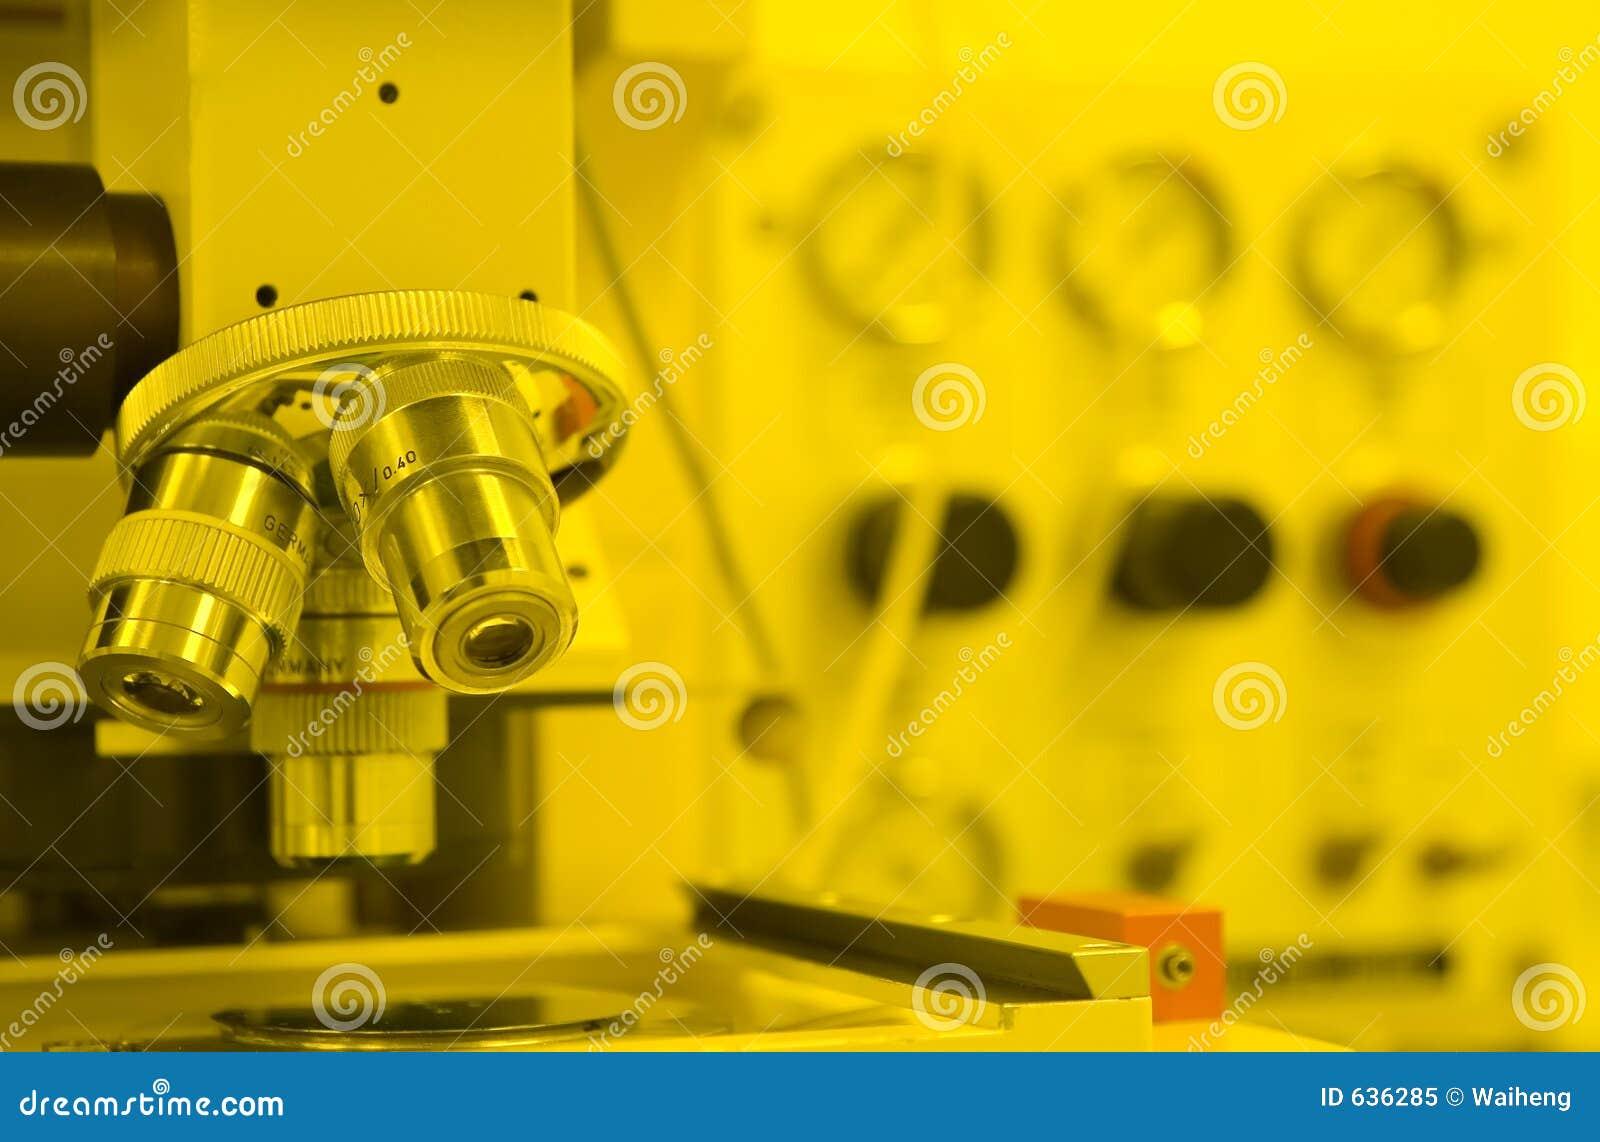 Download микроскоп стоковое изображение. изображение насчитывающей стекло - 636285